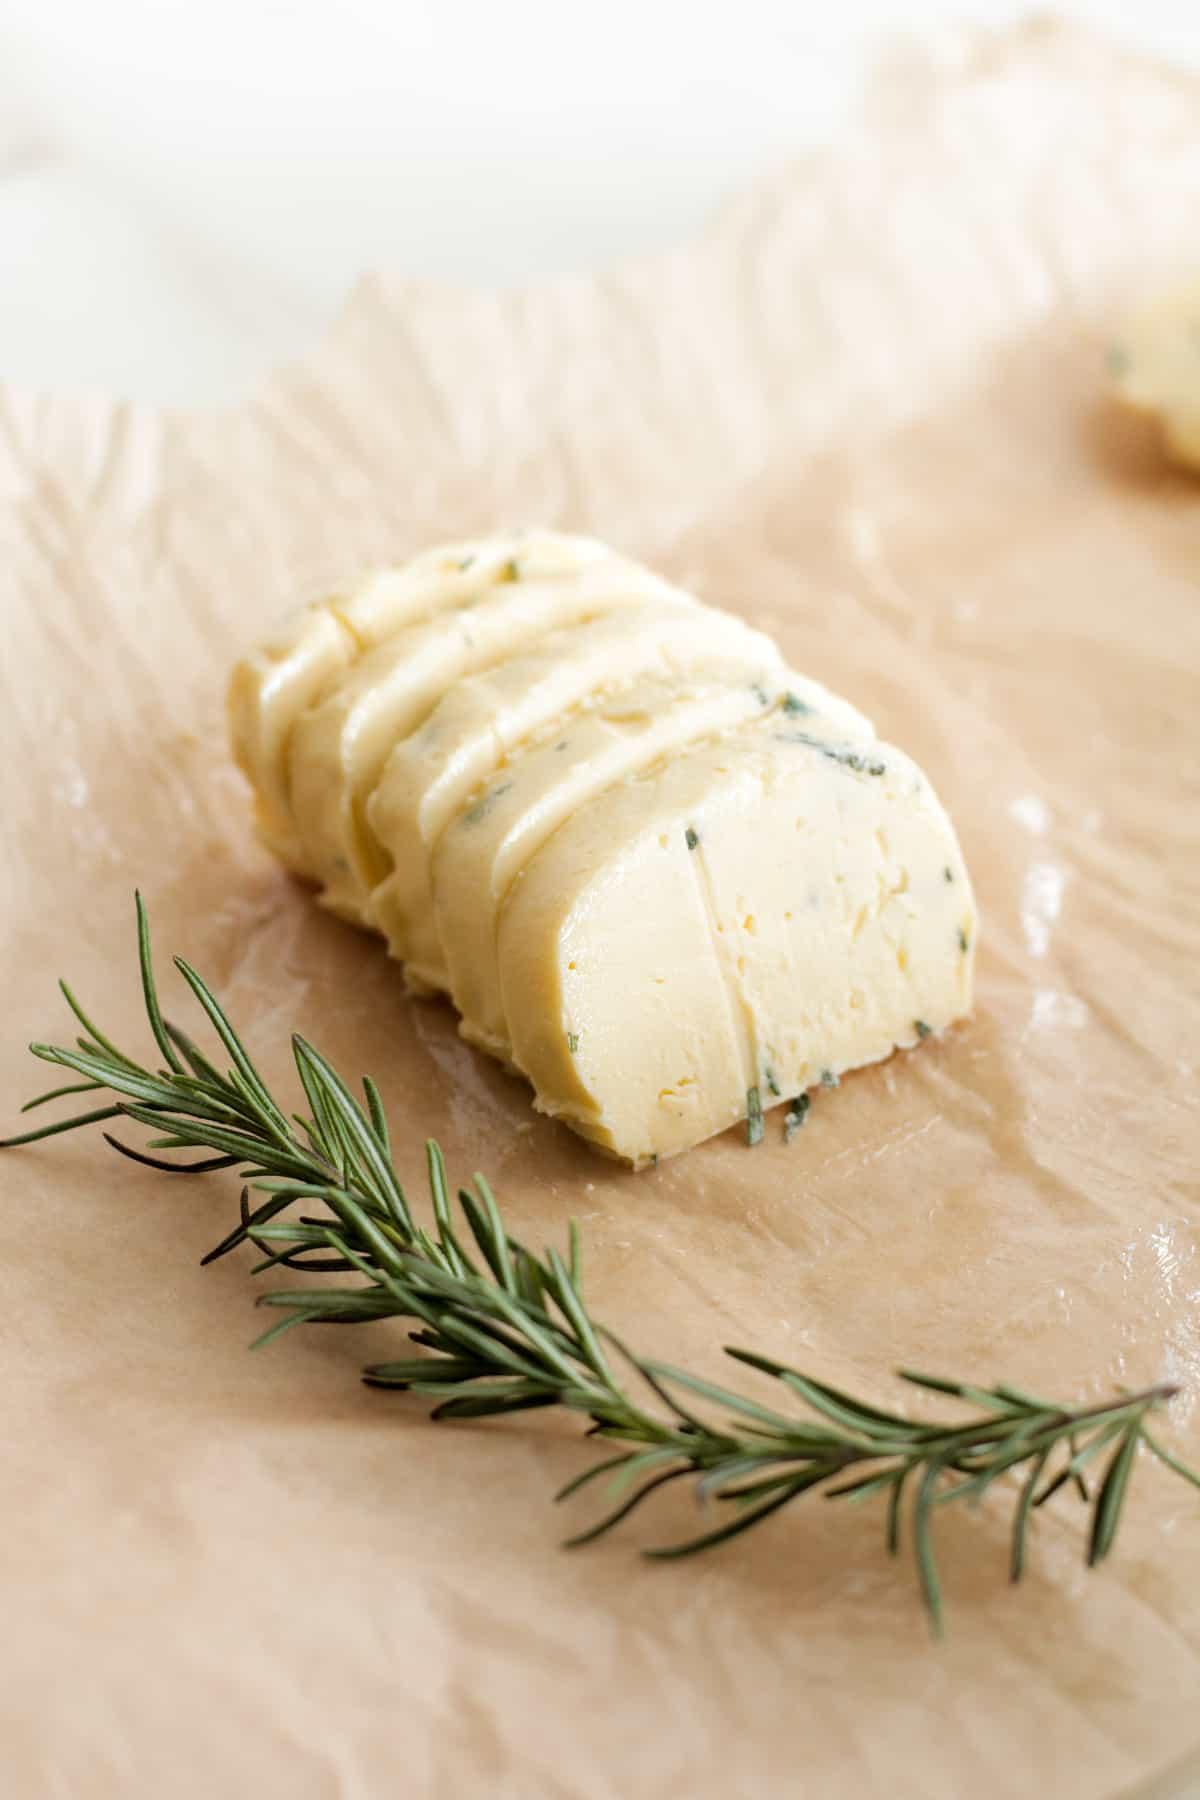 Homemade garlic herb butter